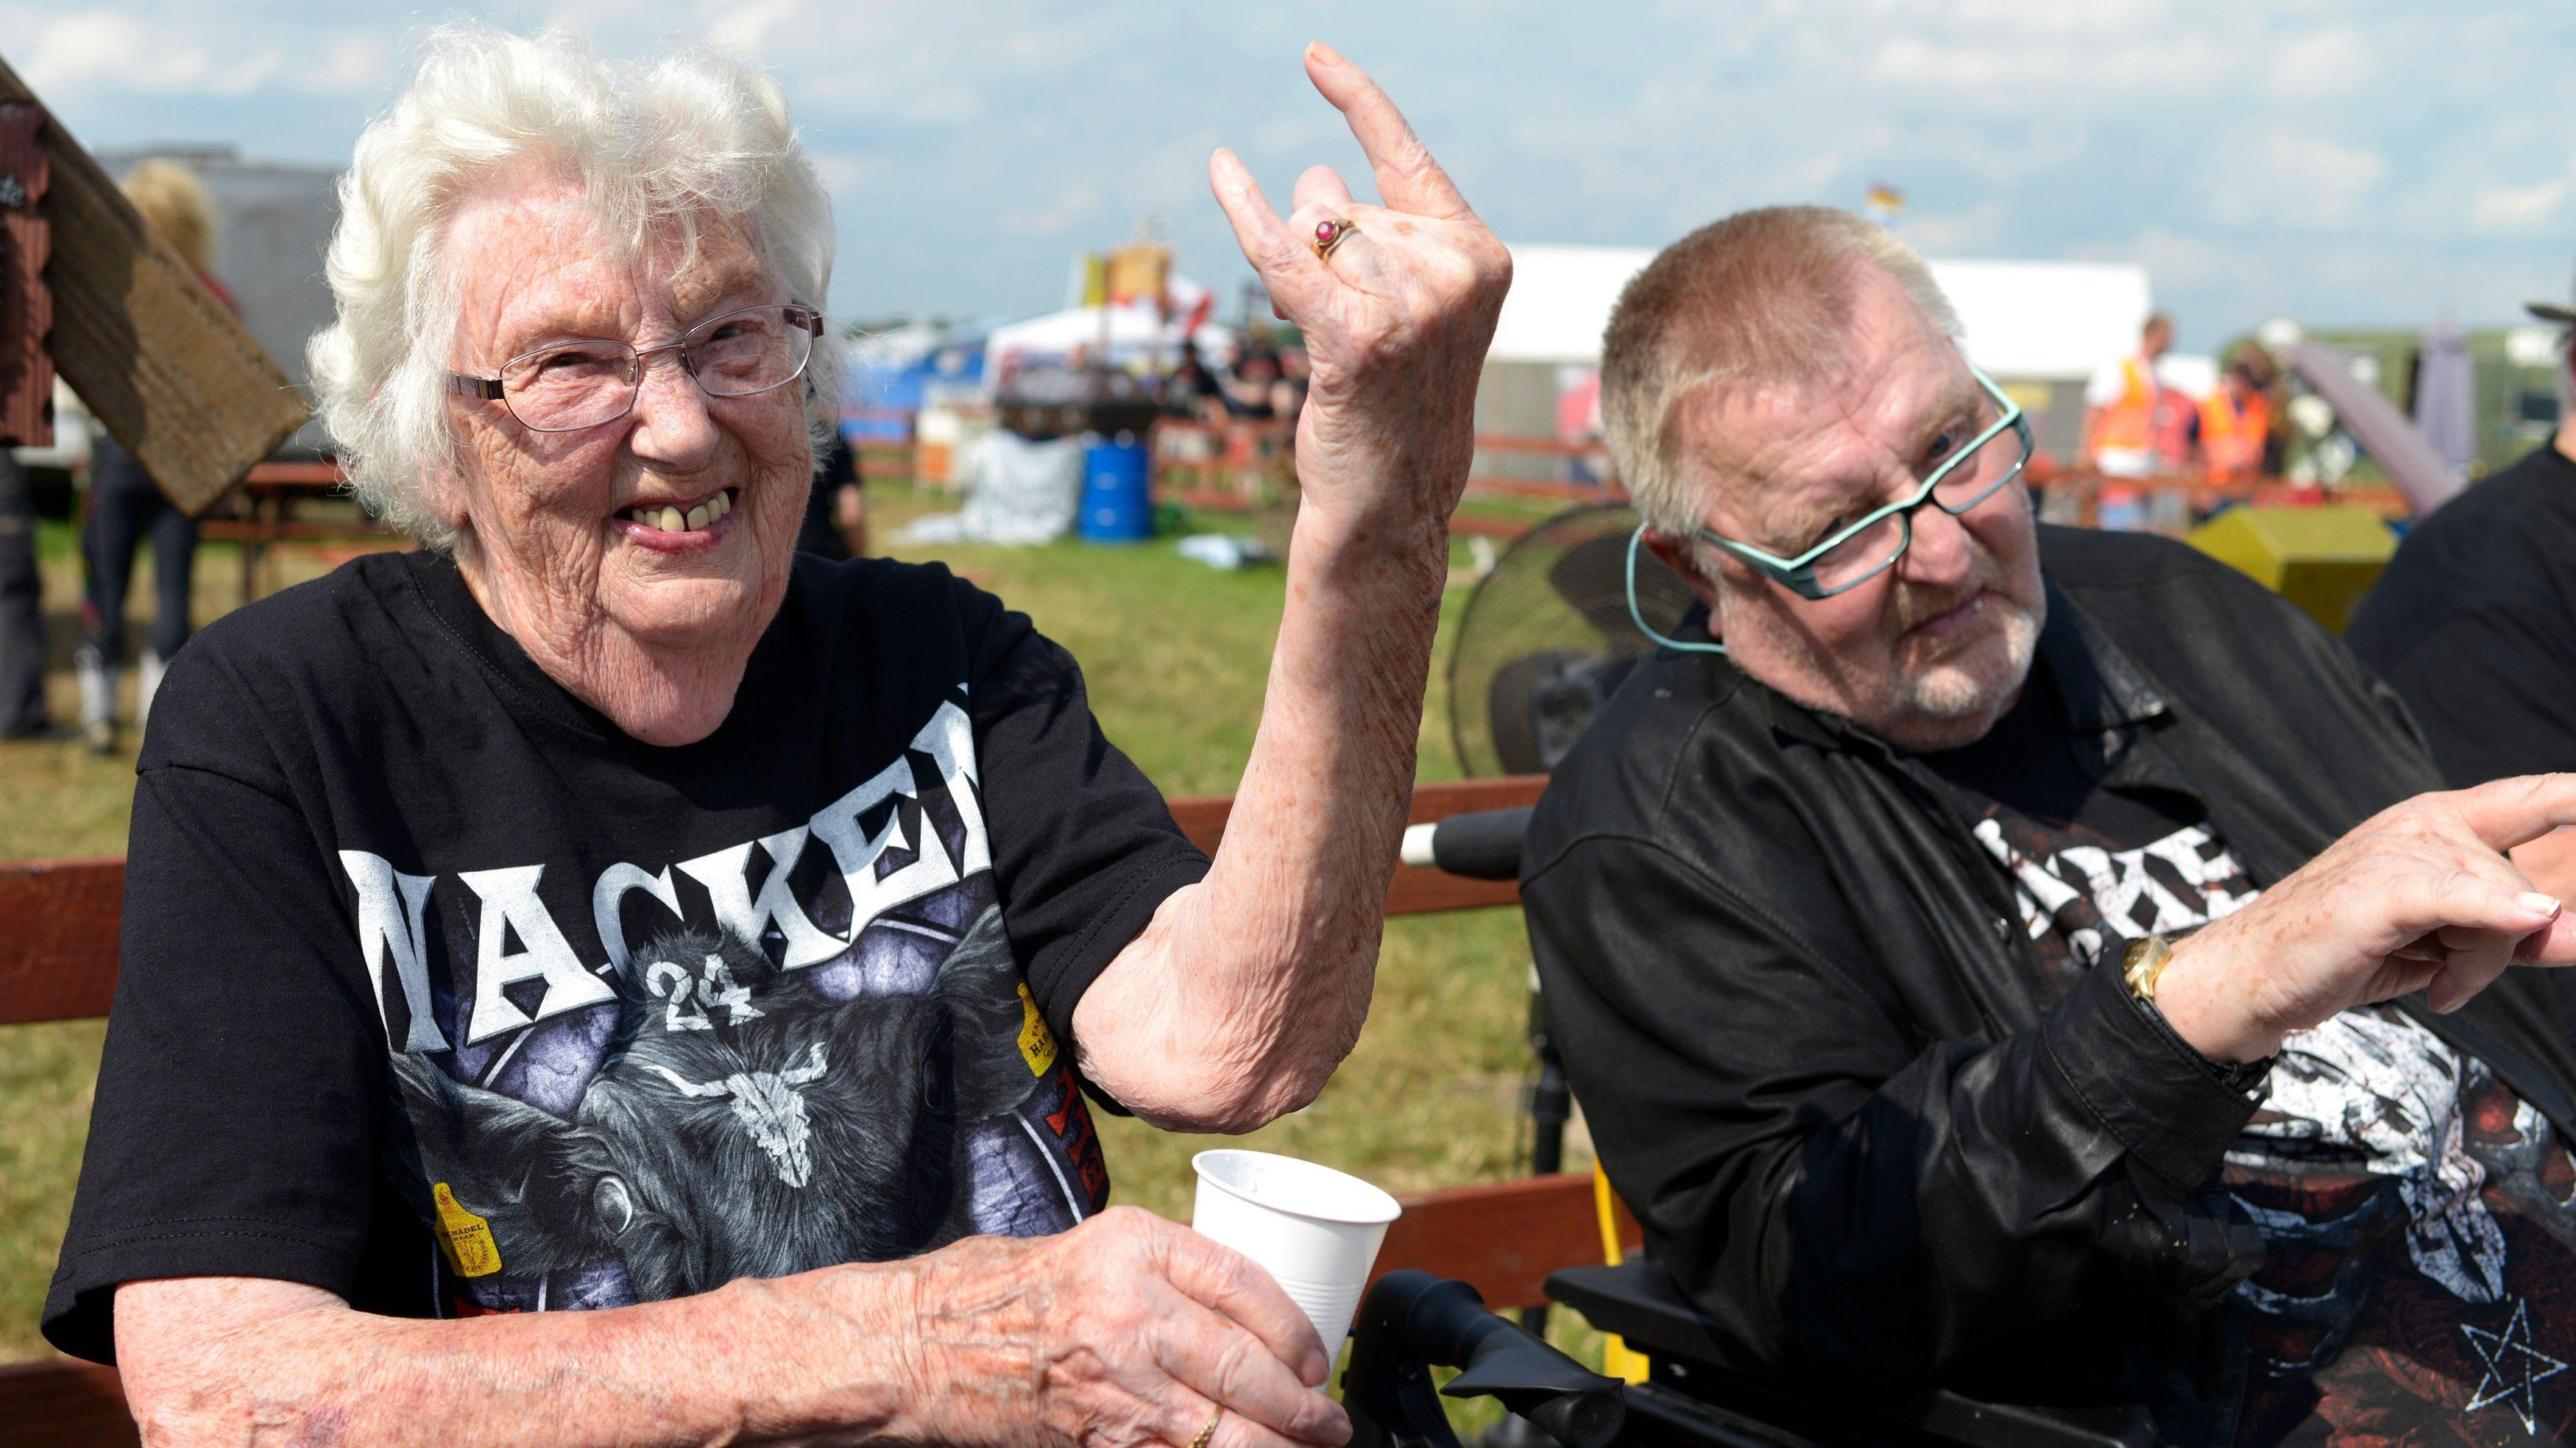 A 90-year-old heavy metal fan